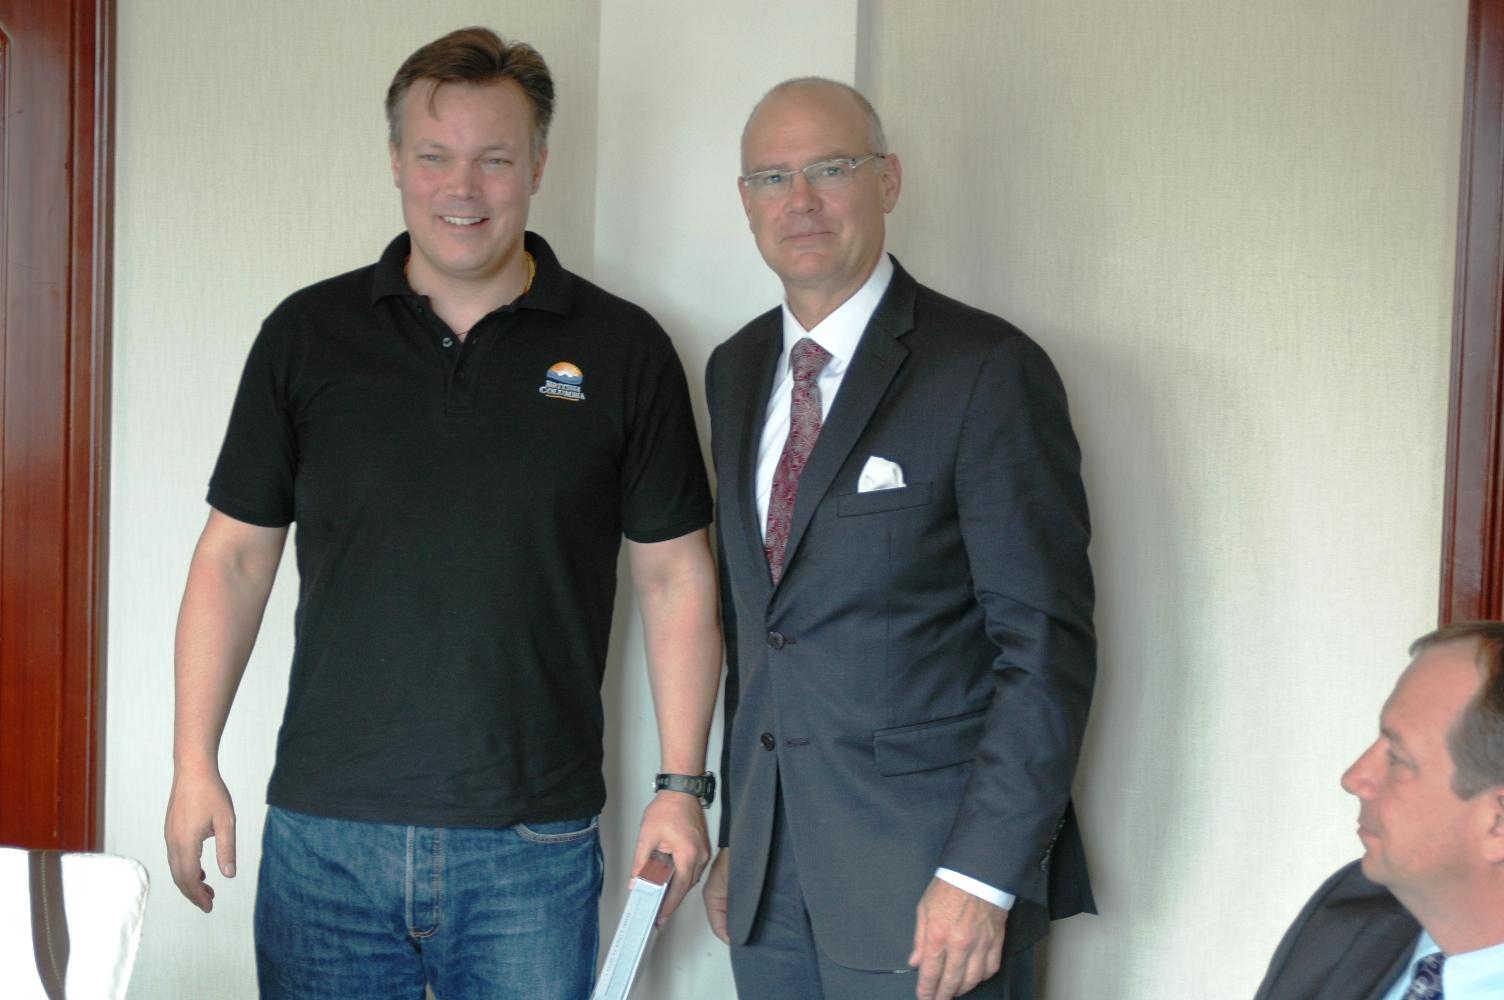 2012年10月21日: 与加拿大BC省驻上海办事处 主任Mr.John MacDonald, BCTIO 在上海和平饭店共进工作早餐。